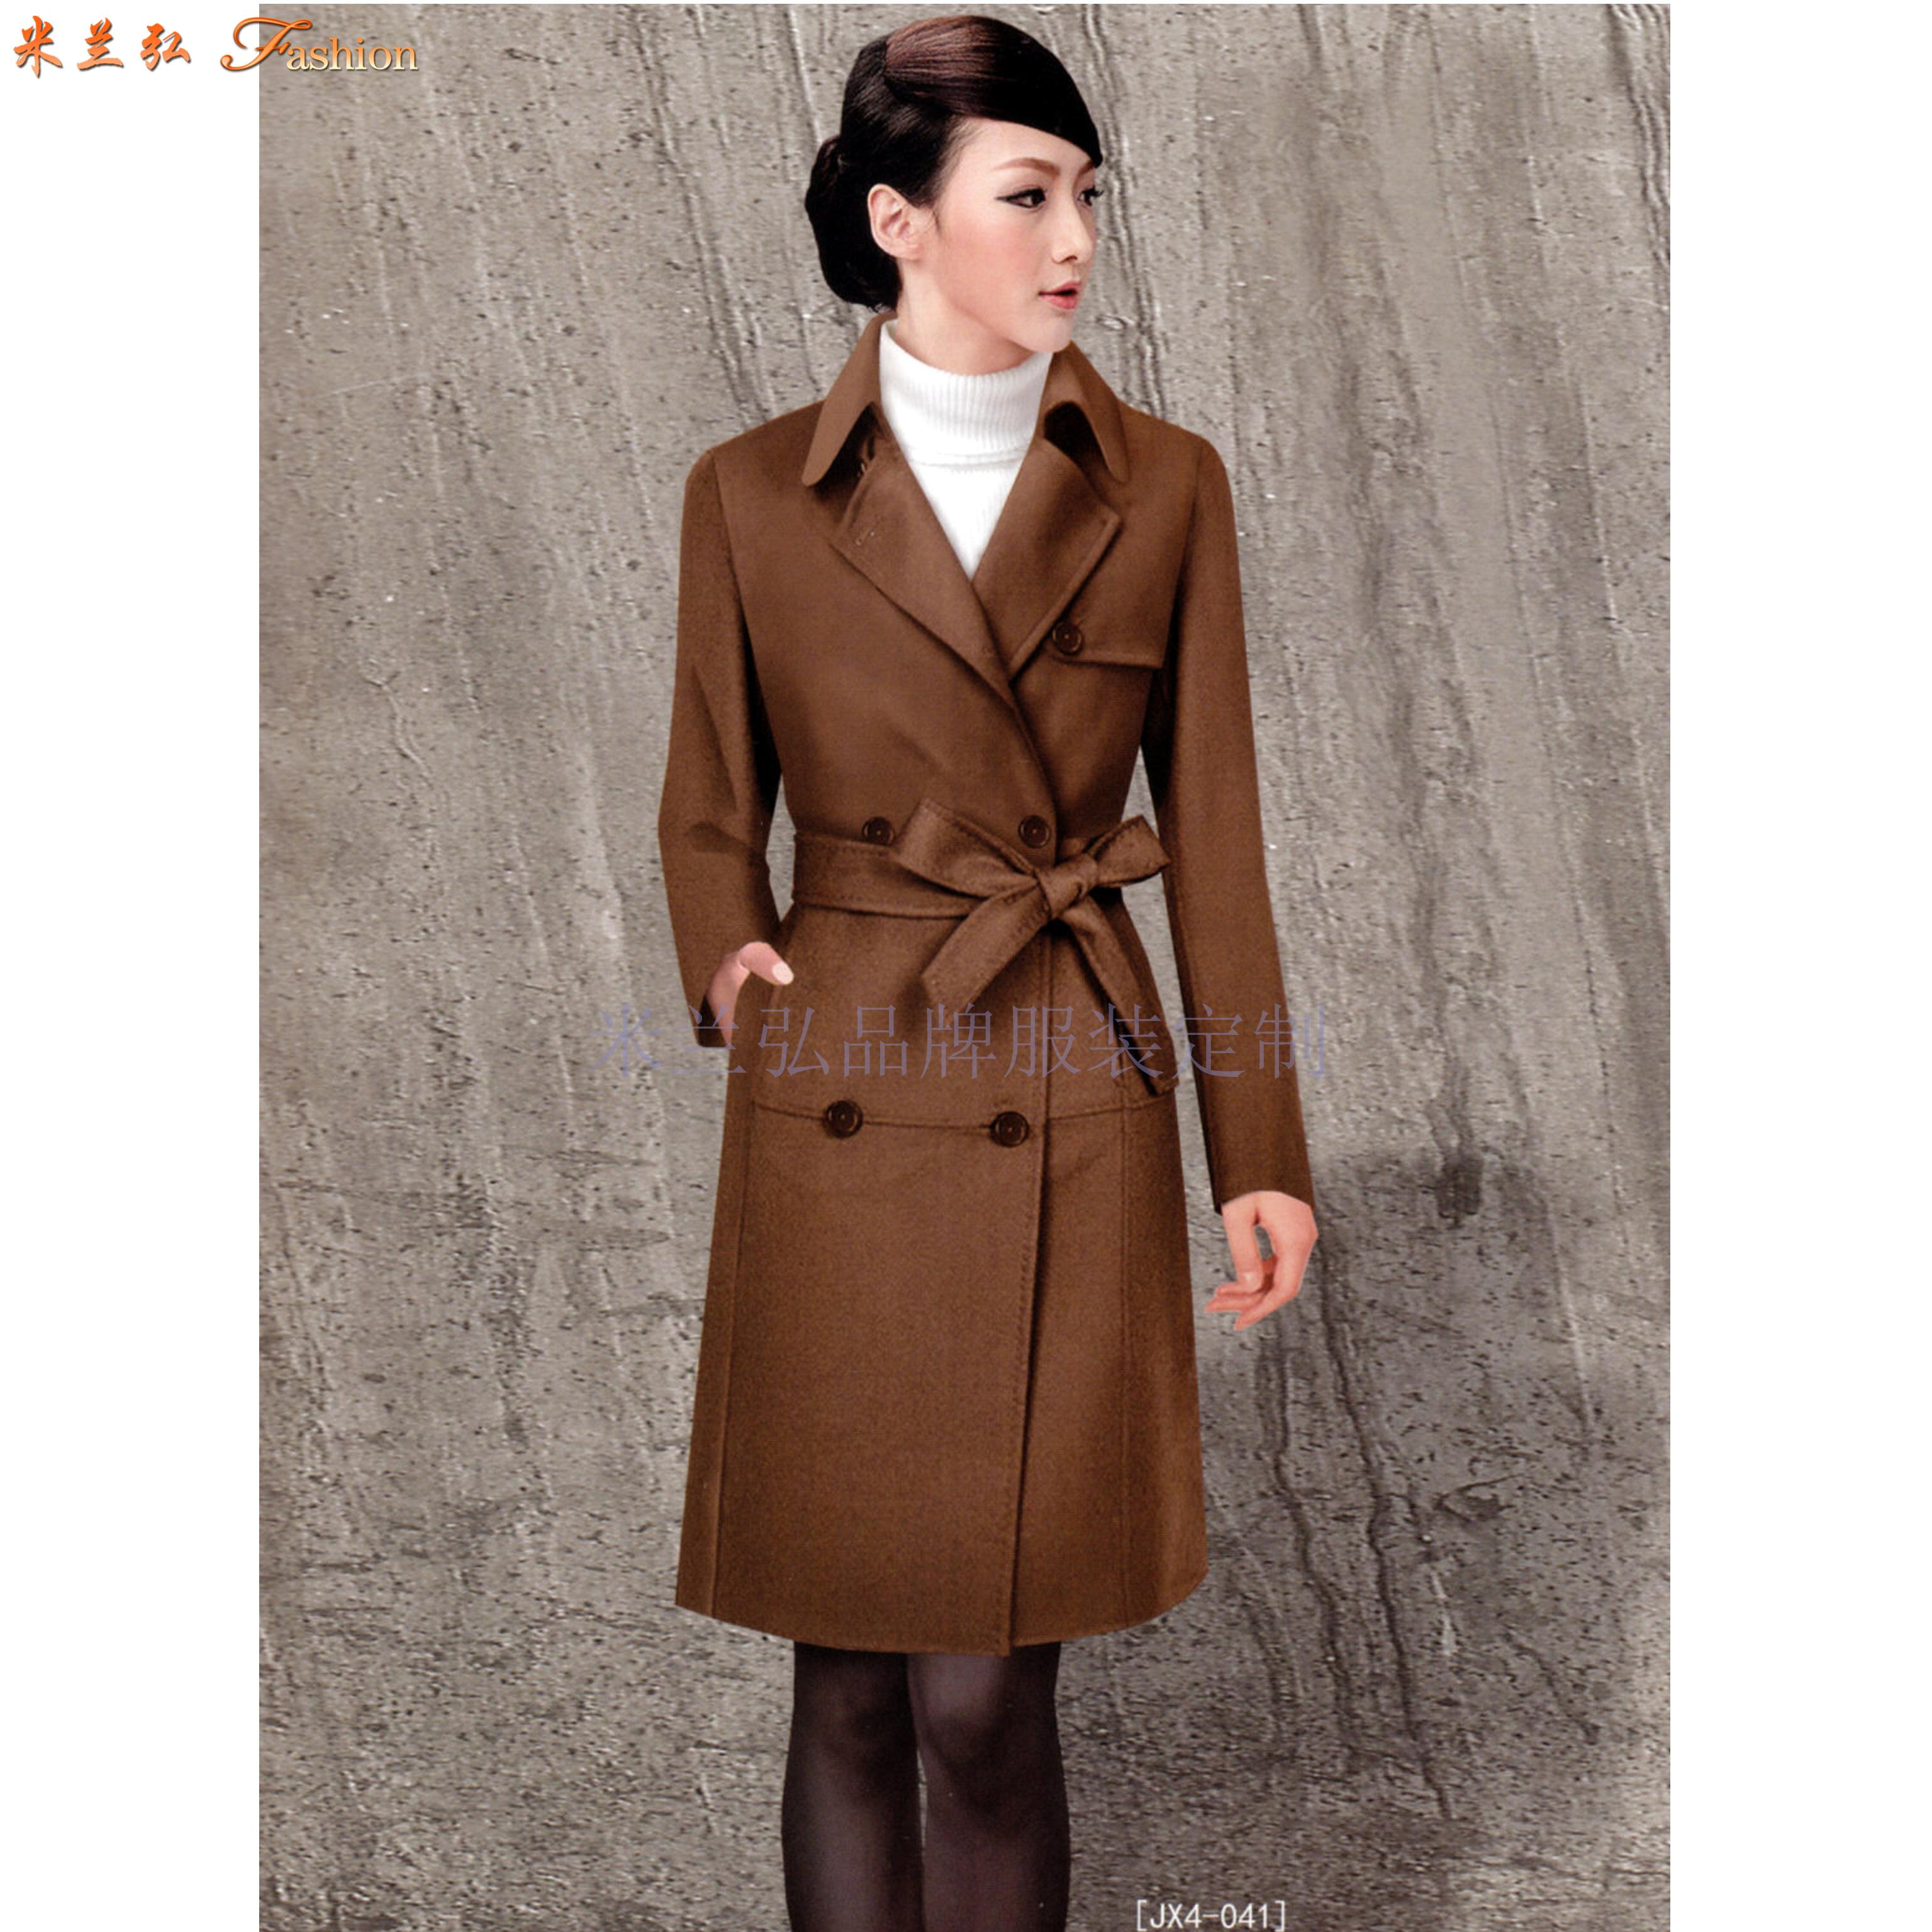 「北京毛呢男女大衣定制」哪家好,怎么樣定做-TOP米蘭弘大衣-6